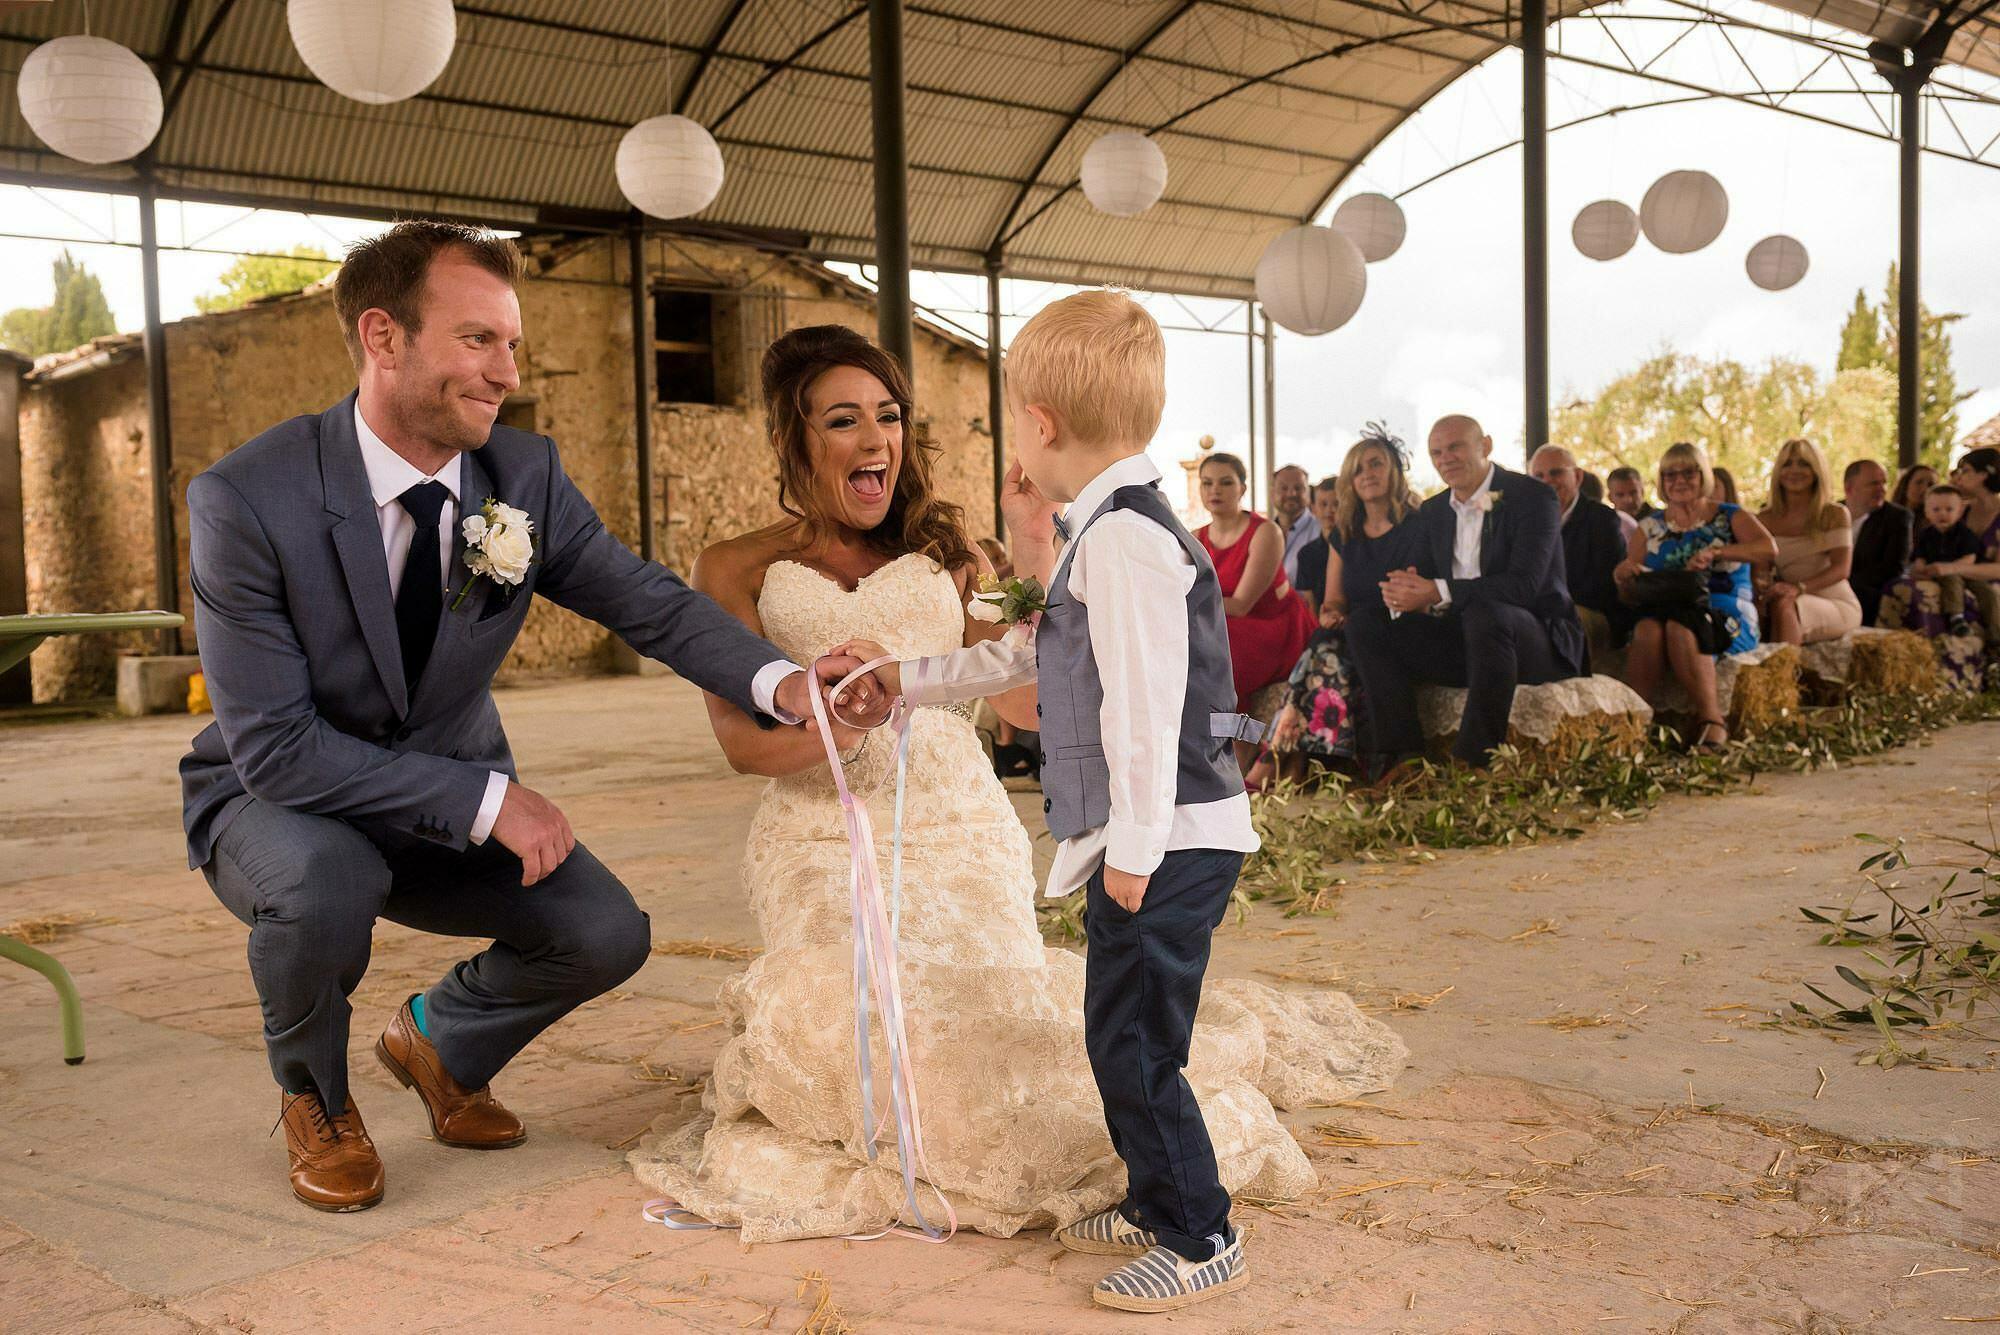 wedding ceremony photograph